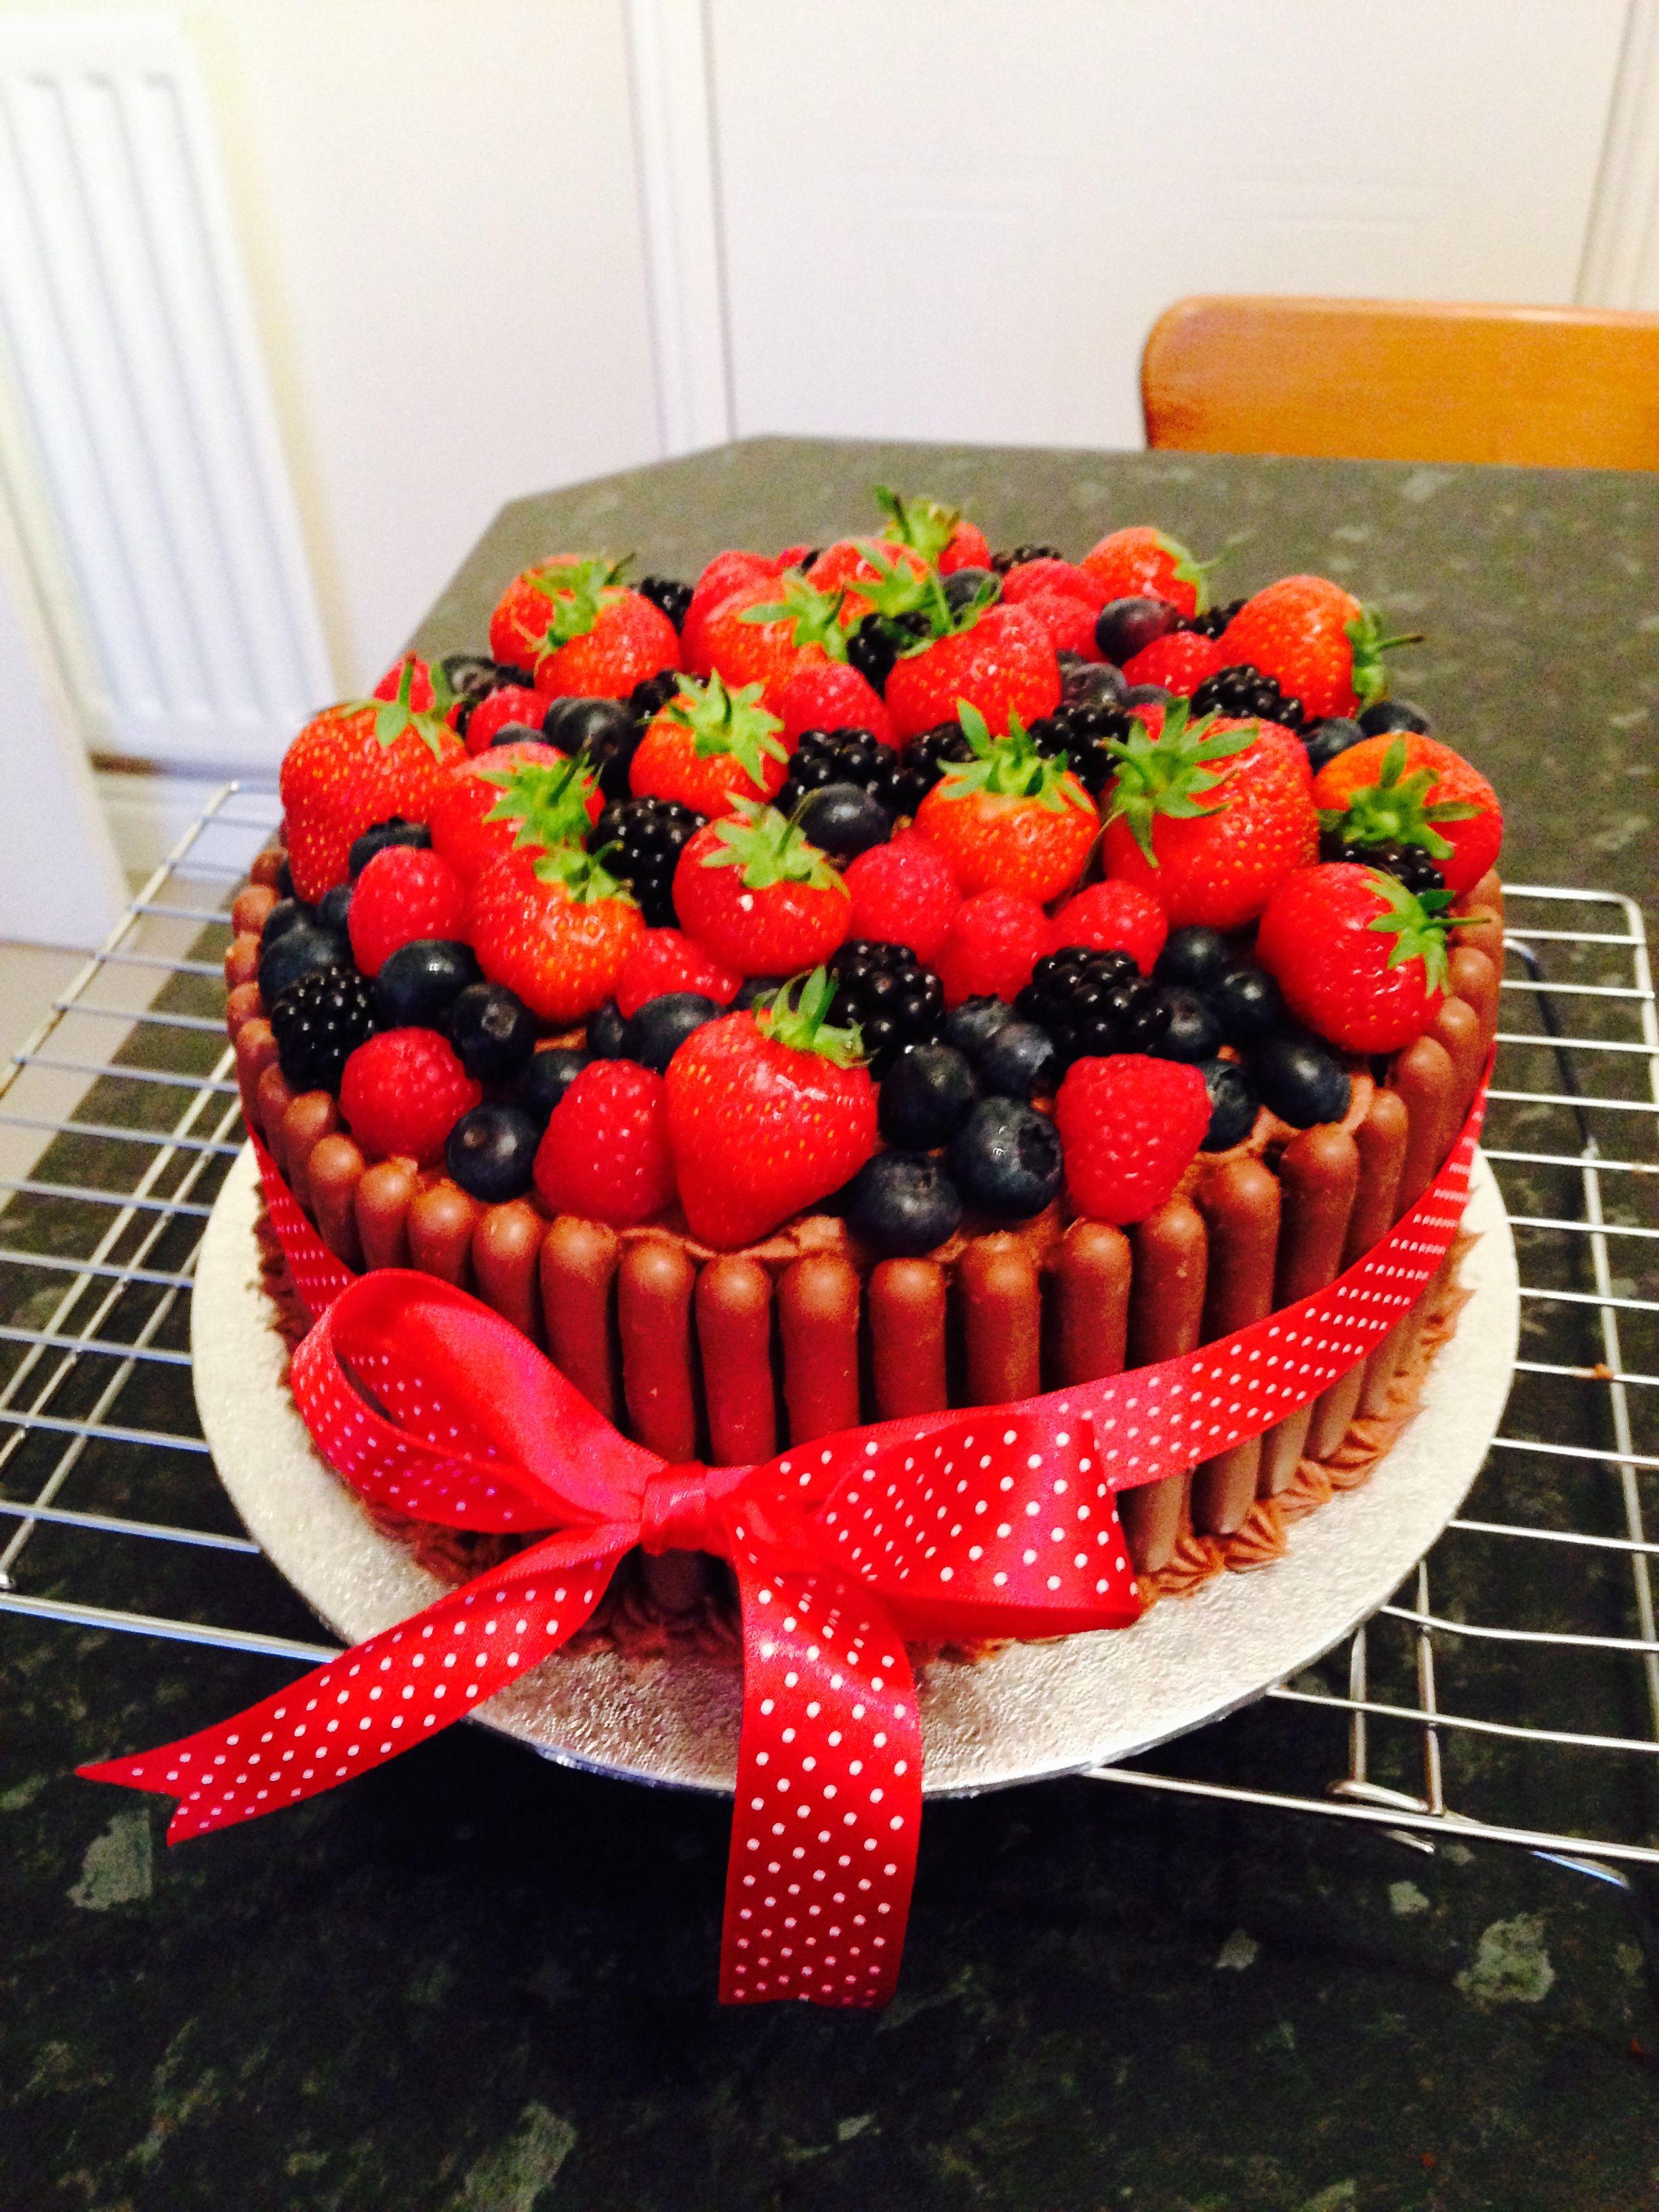 Fruit and chocolate birthday cake | Birthday cake ...